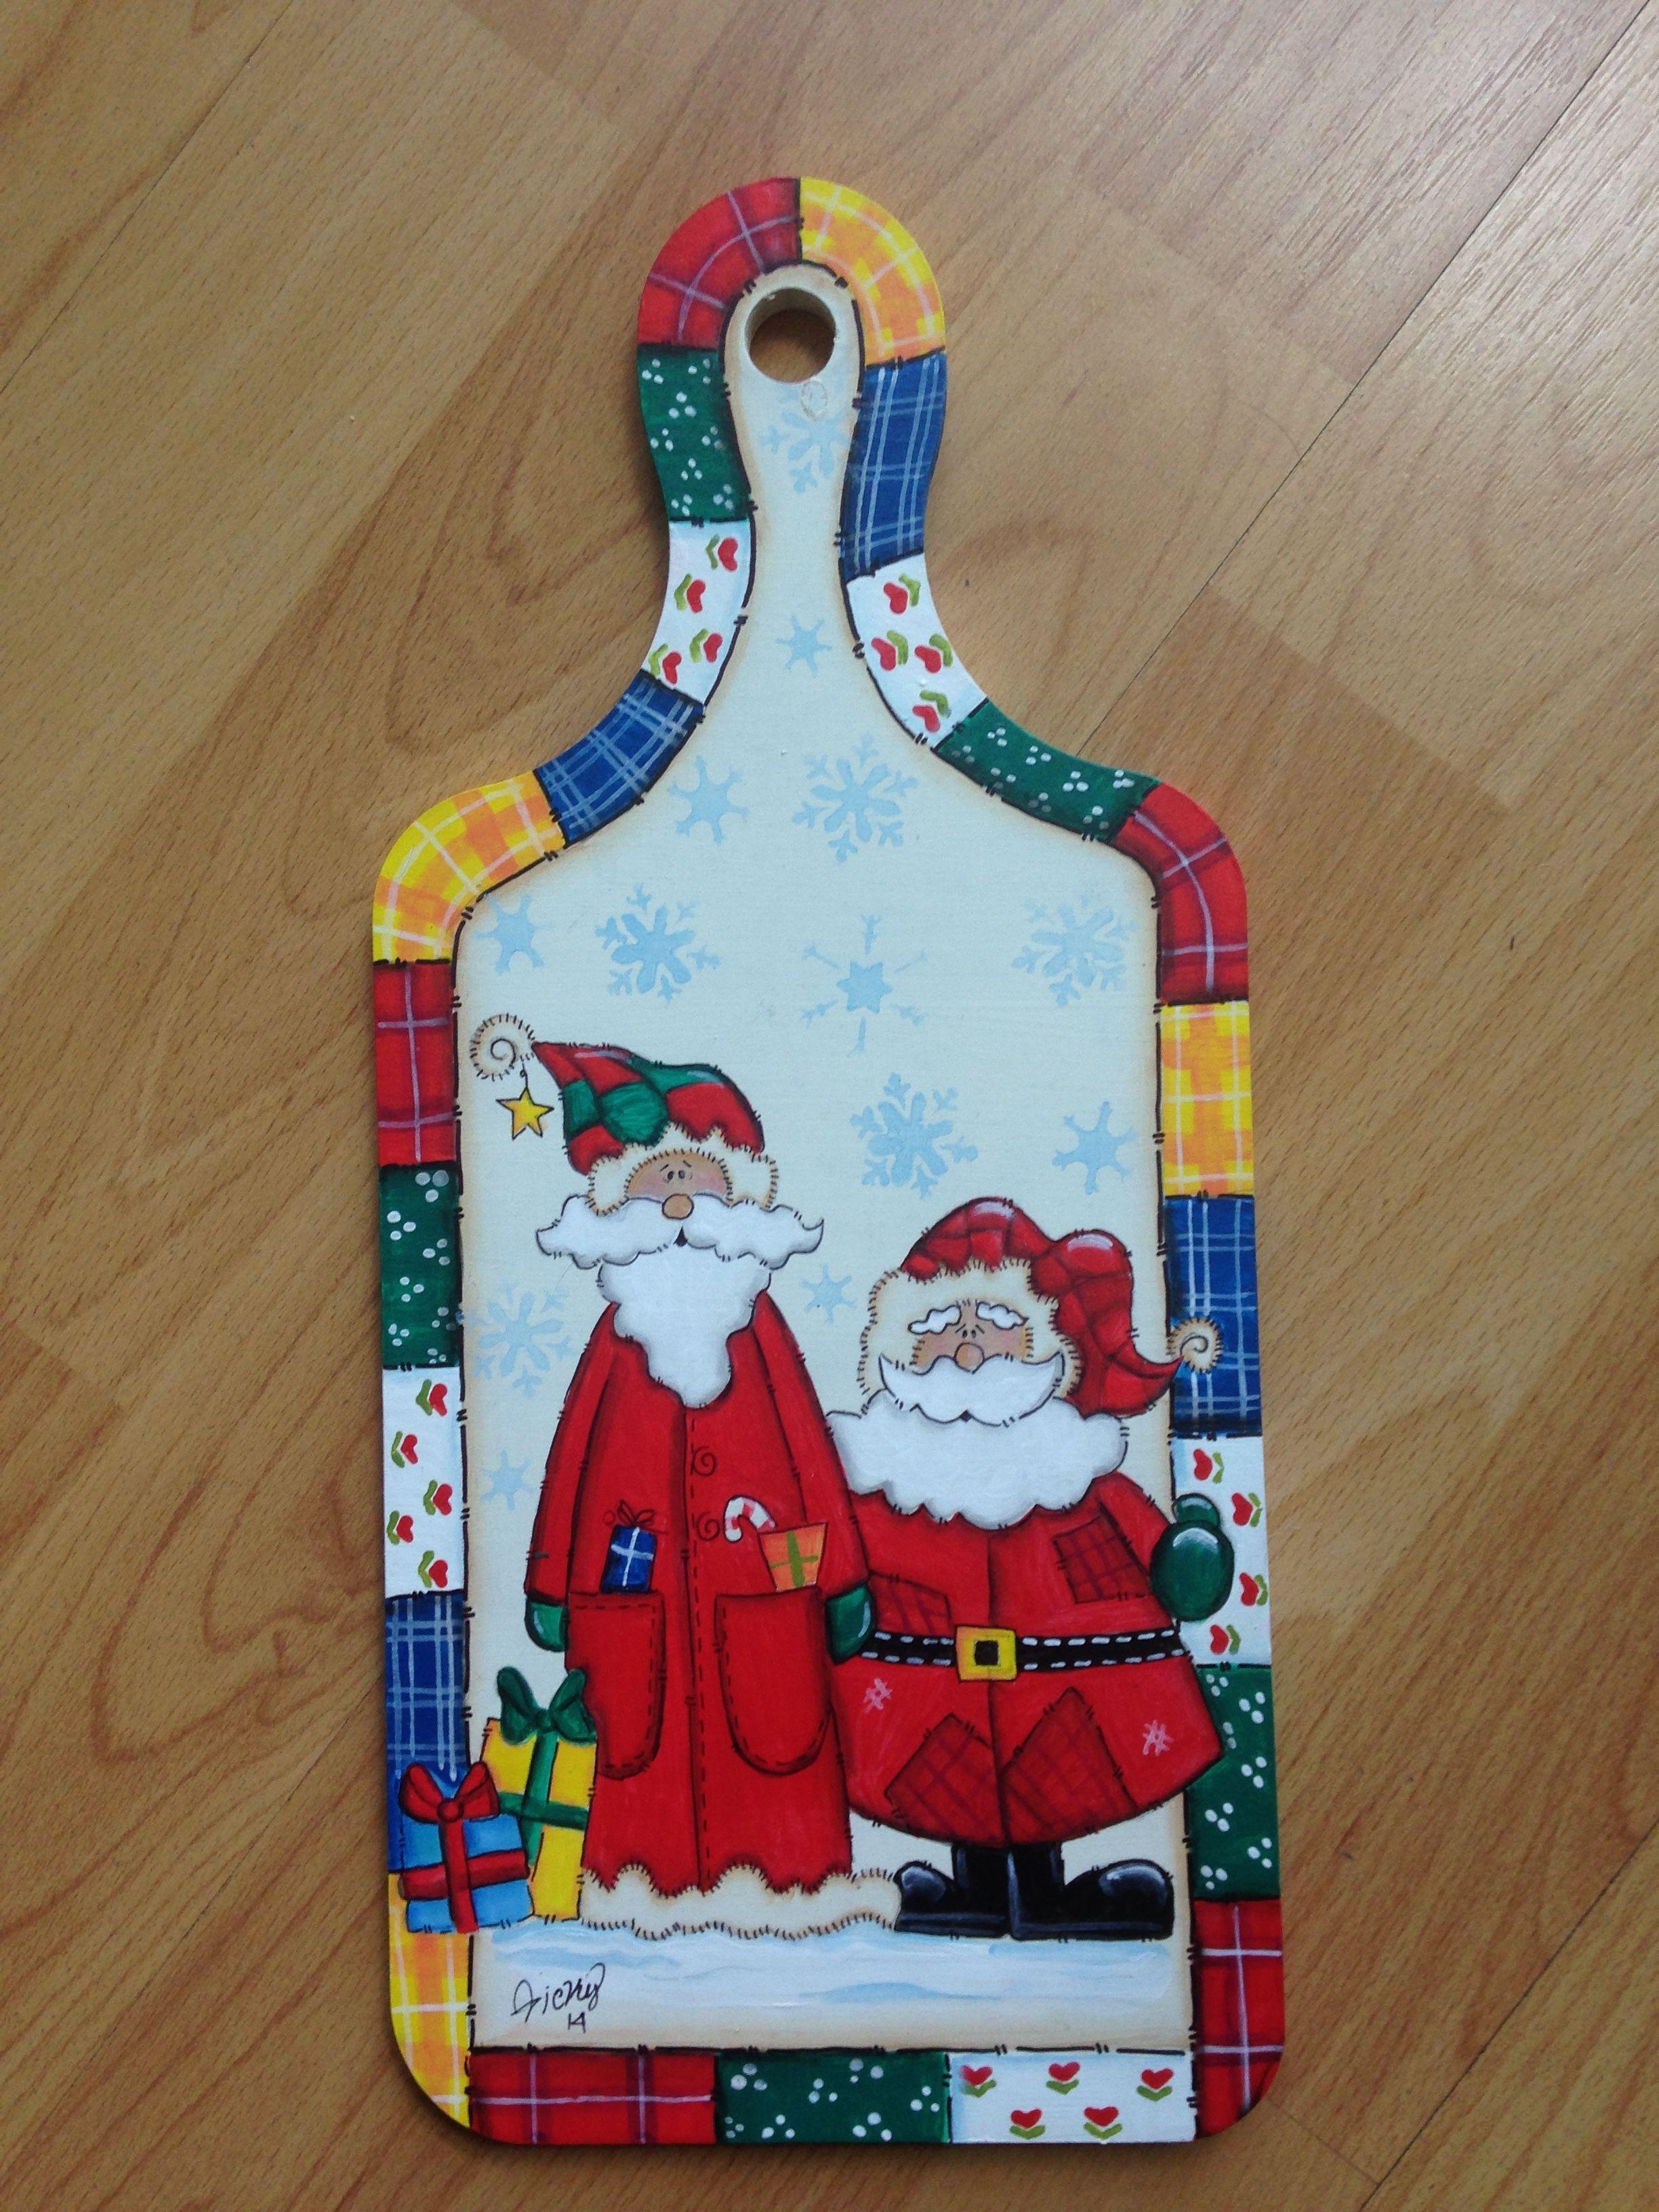 Tabla Decorativa Para Cocina Con Ganchos Para Trapitos #Santa #Navidad